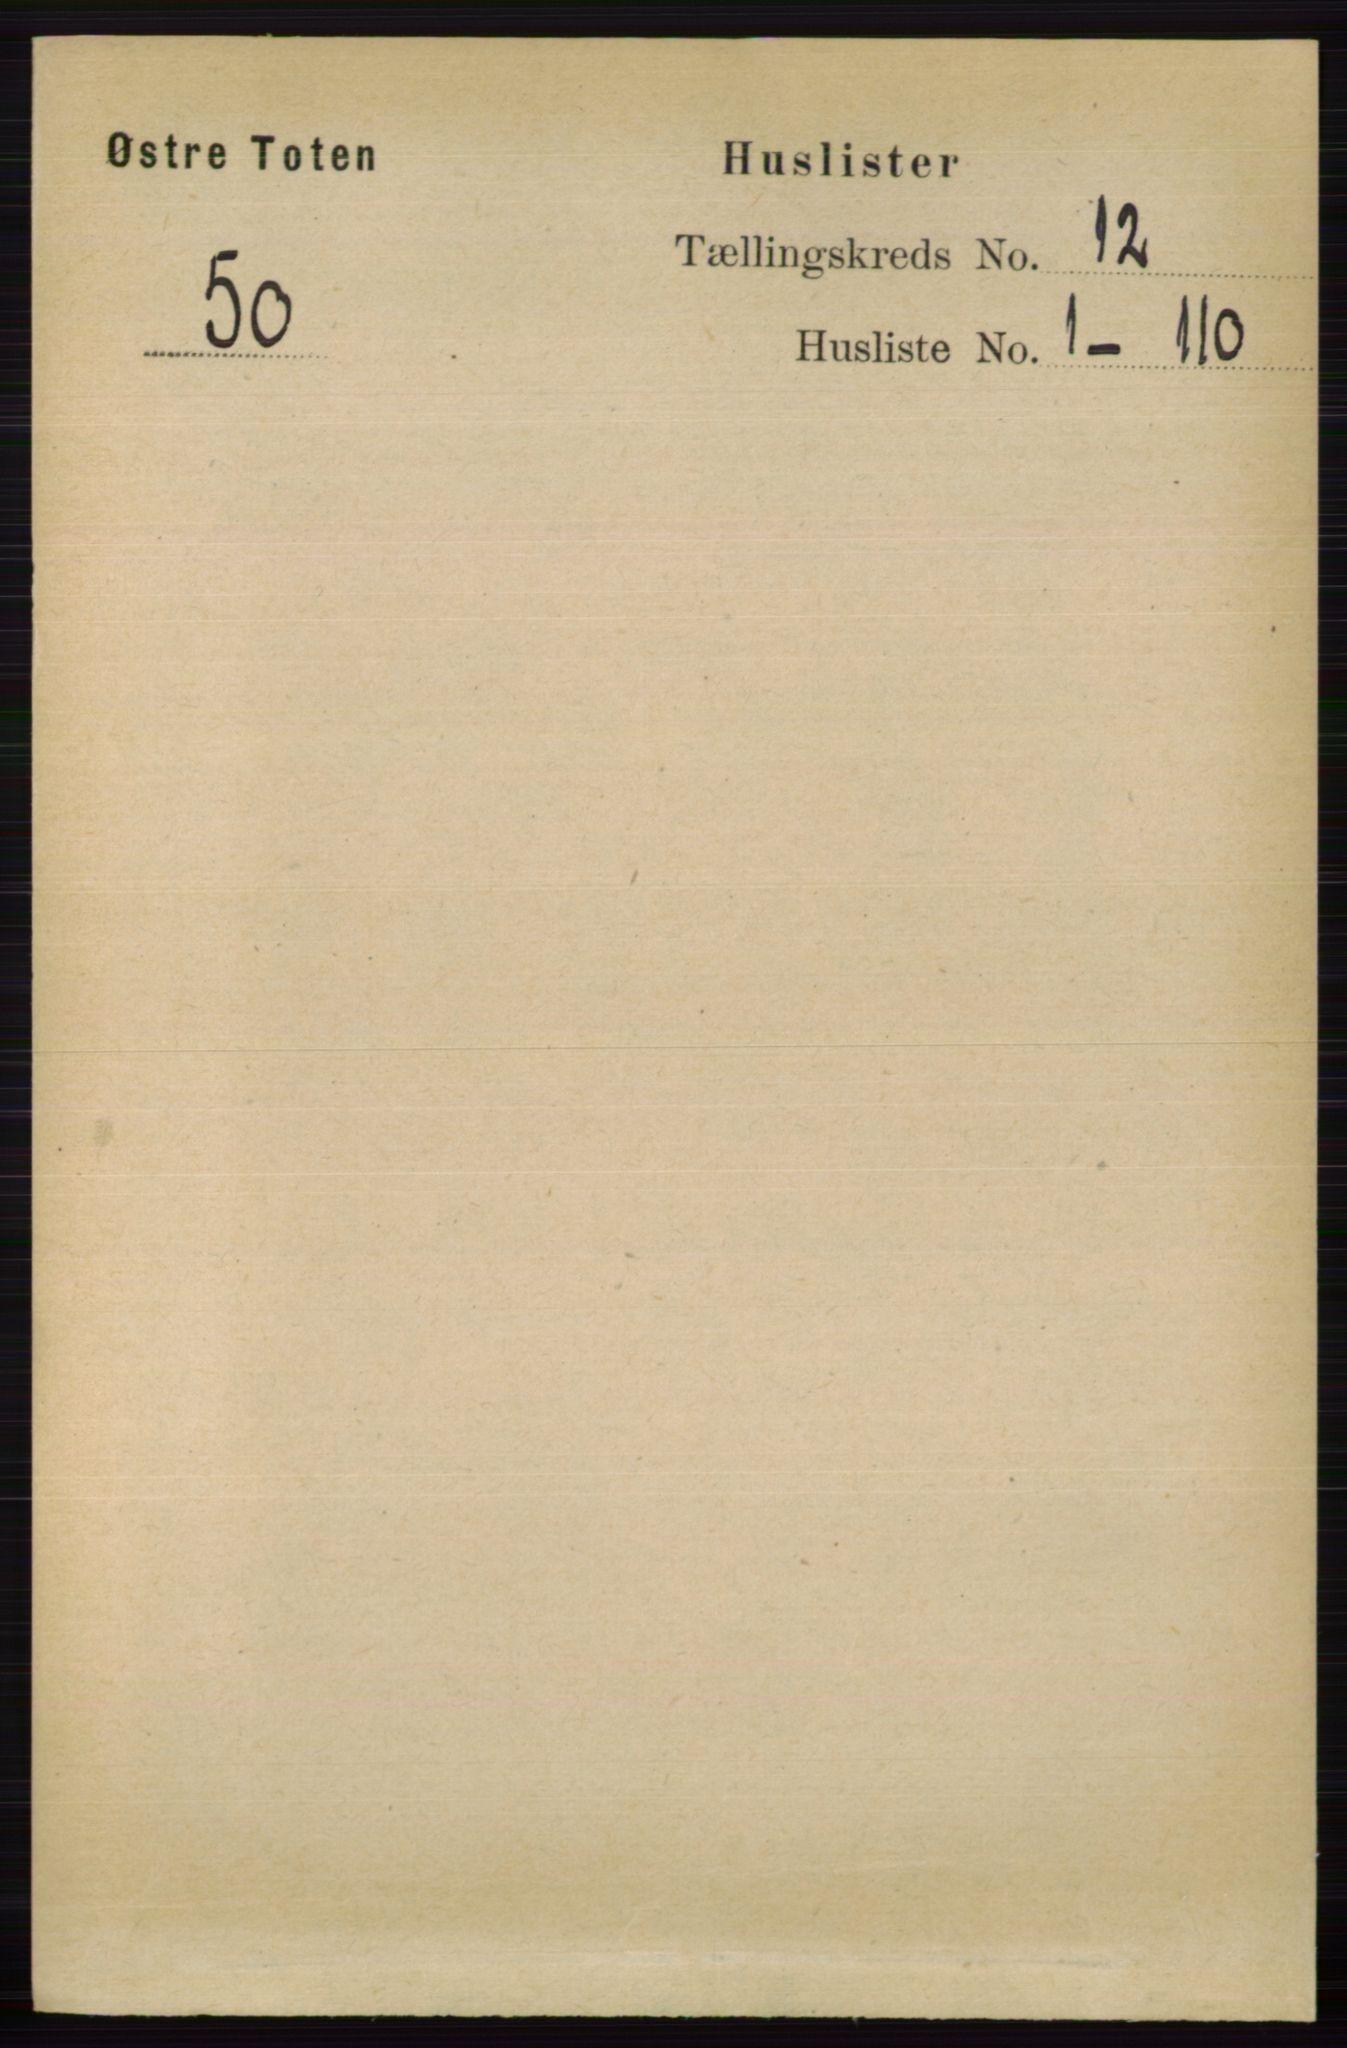 RA, Folketelling 1891 for 0528 Østre Toten herred, 1891, s. 7651